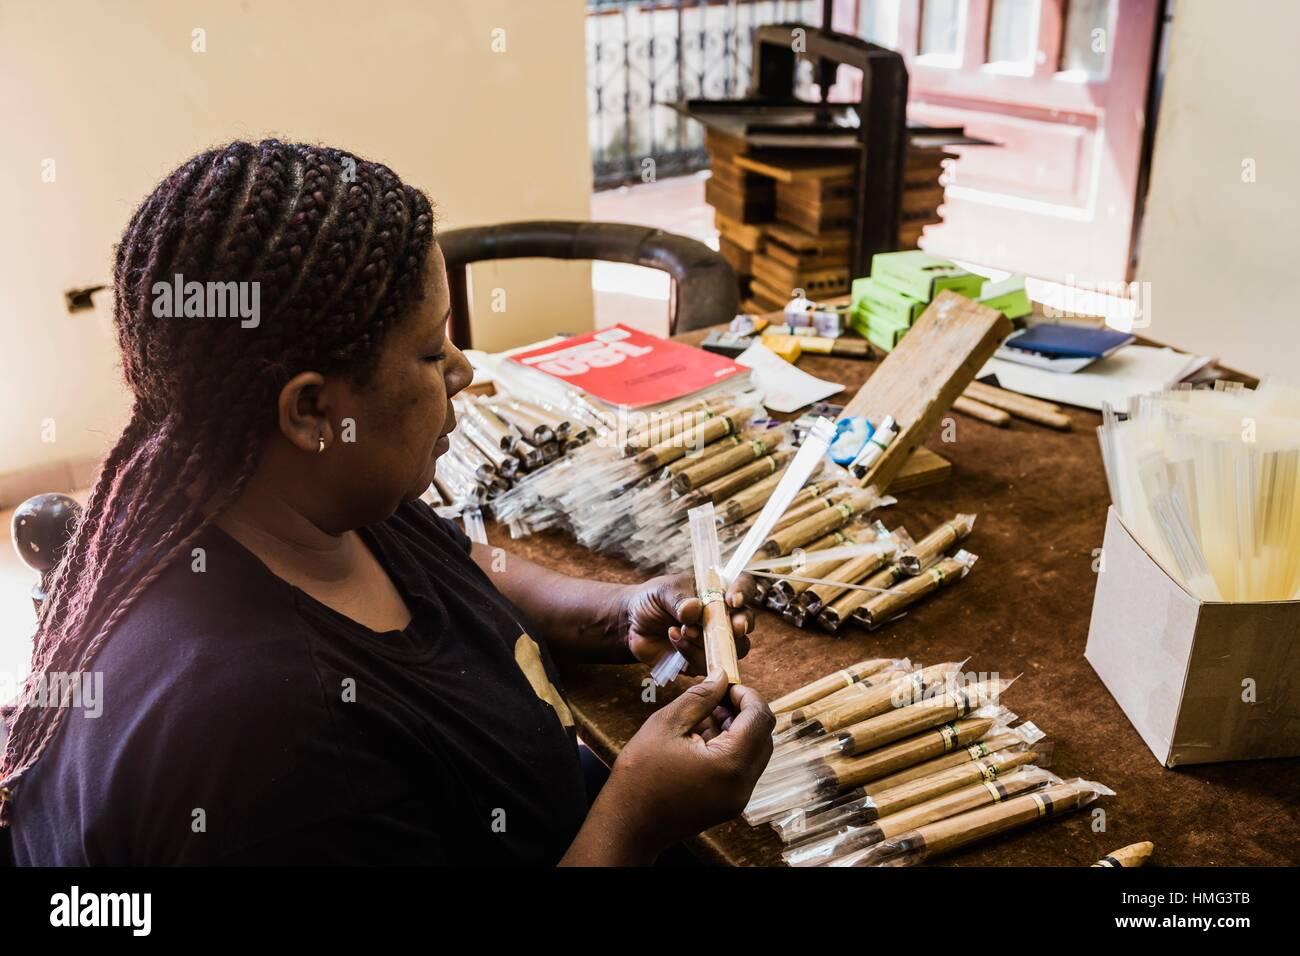 Dominican Republic, Santo Domingo. Boutique del Fumador (Cigars´ shop), packaging cigars - Stock Image